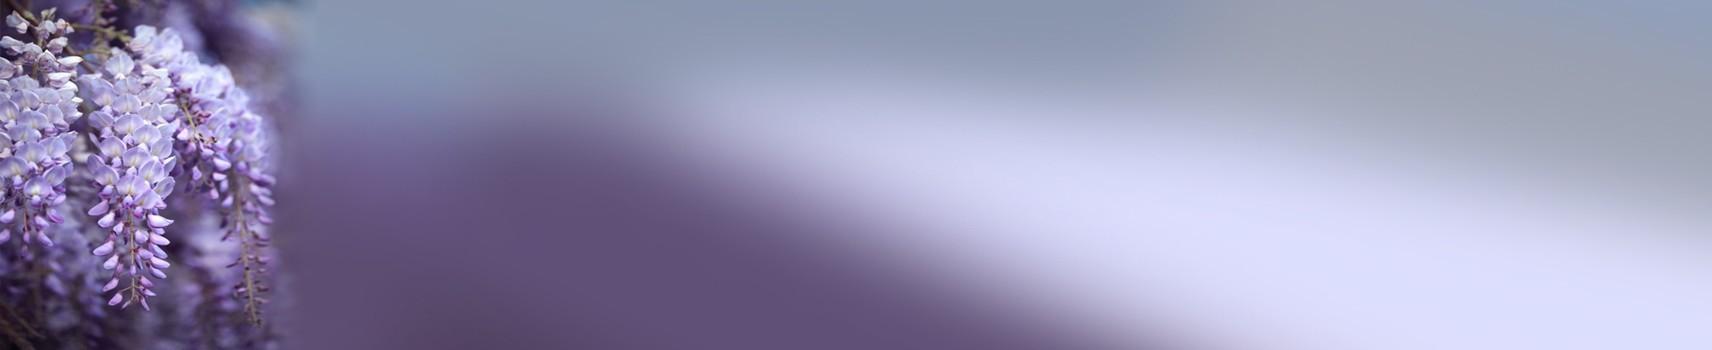 פרח ויסטריה